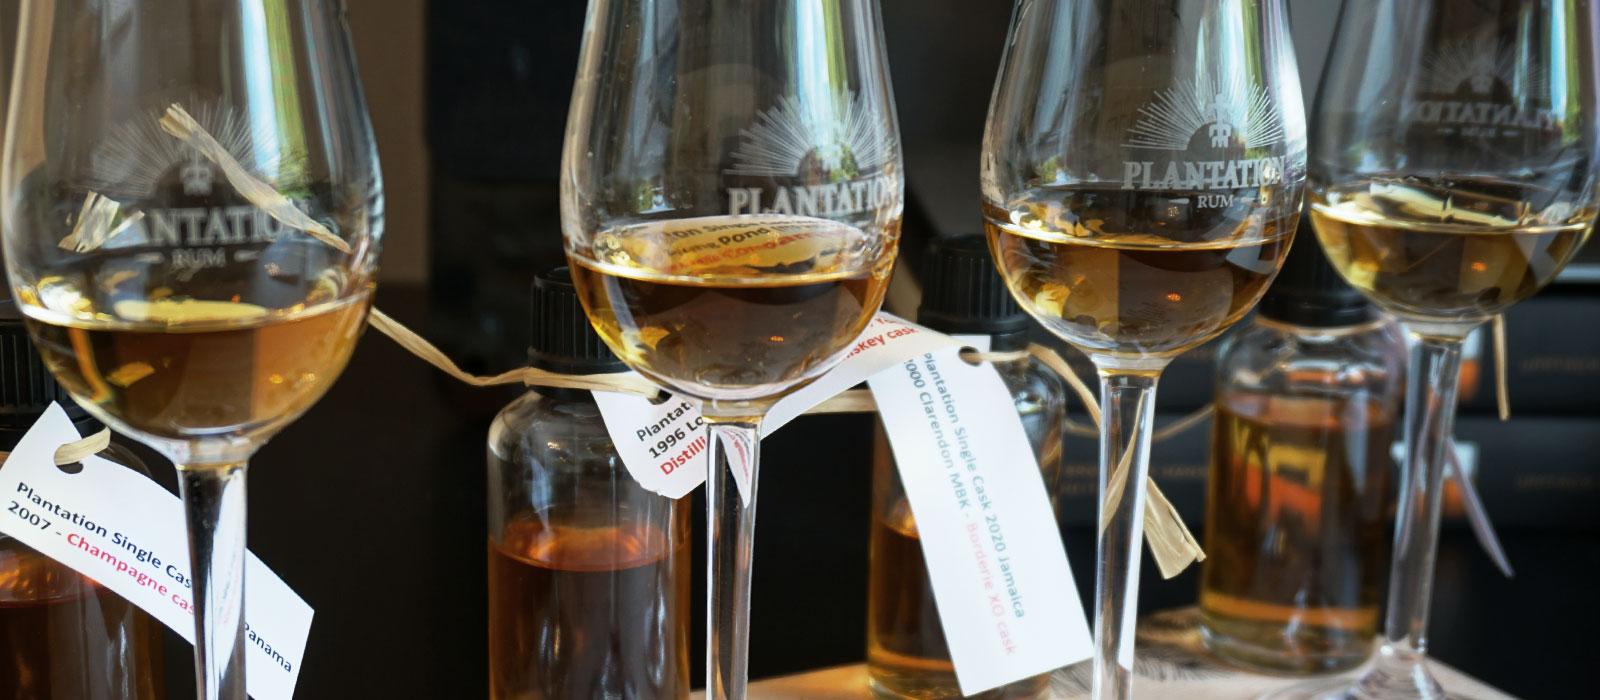 Fjärde plats 2020: Plantation Single Cask Panama 2007 Champagne cask